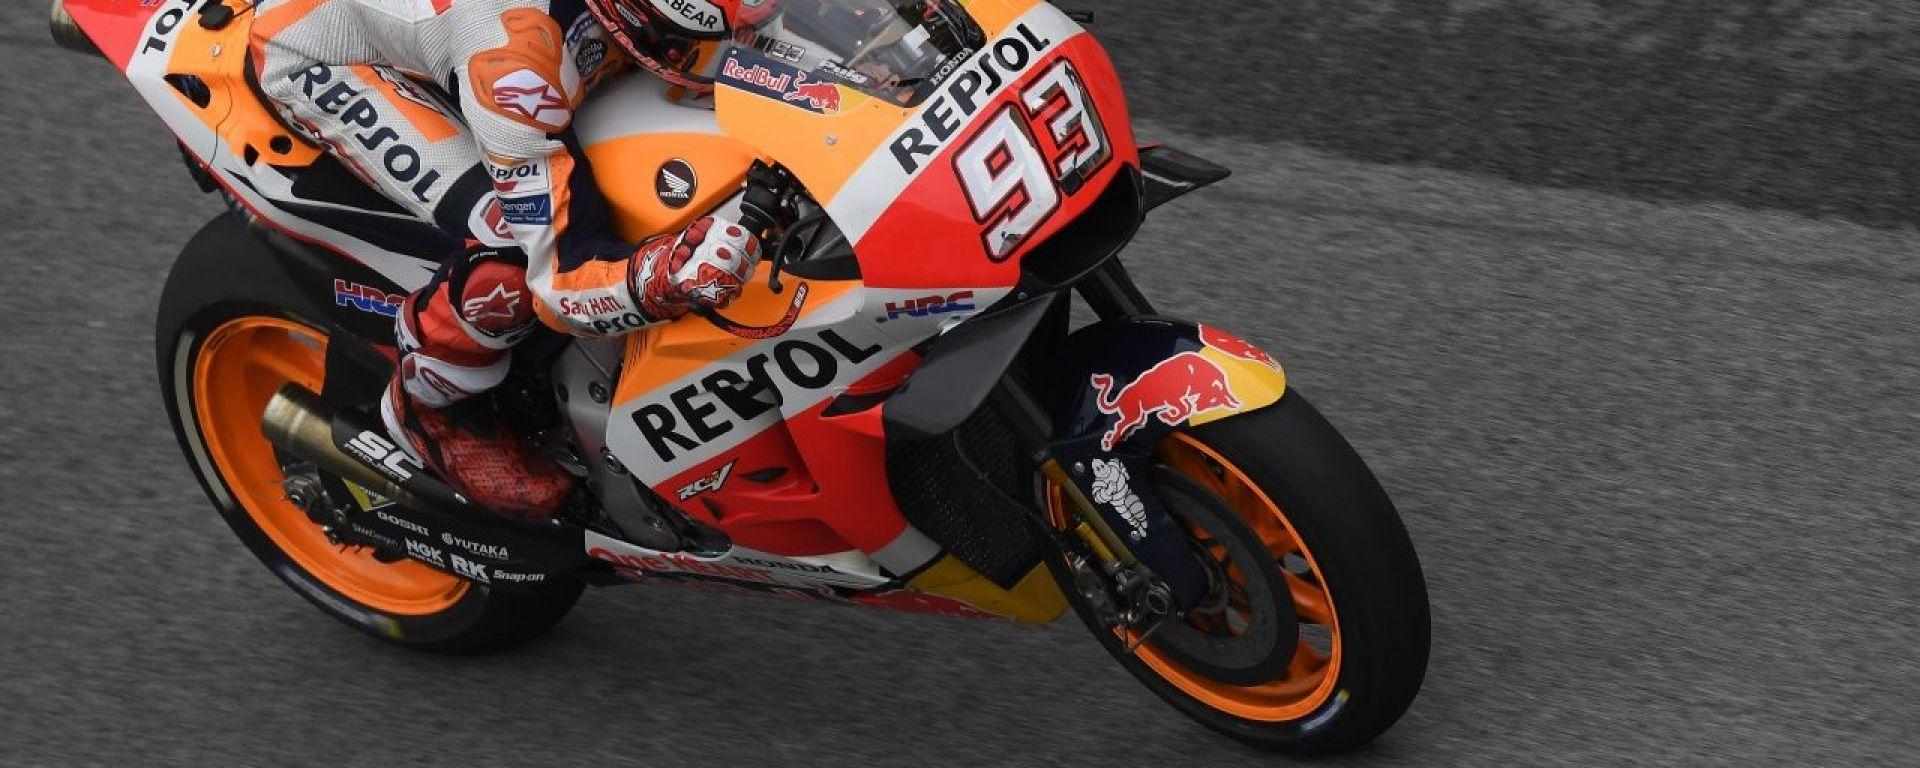 MotoGP Sepang 2018: Marquez penalizzato per aver ostacolato Iannone